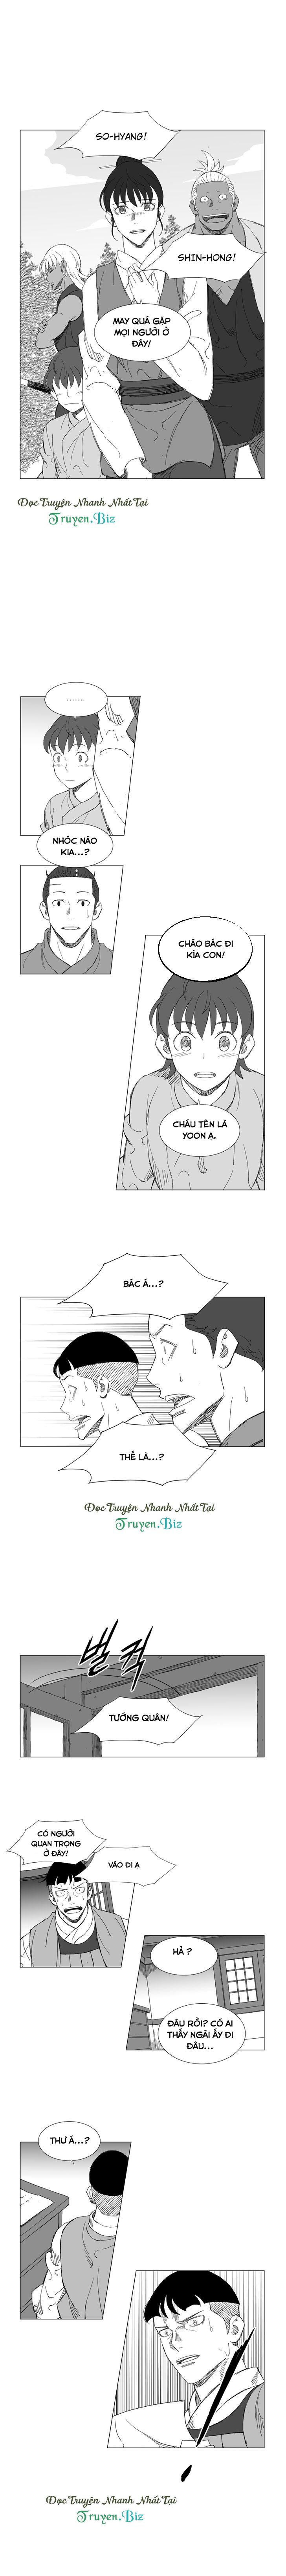 Mujang chap 215 - Trang 5